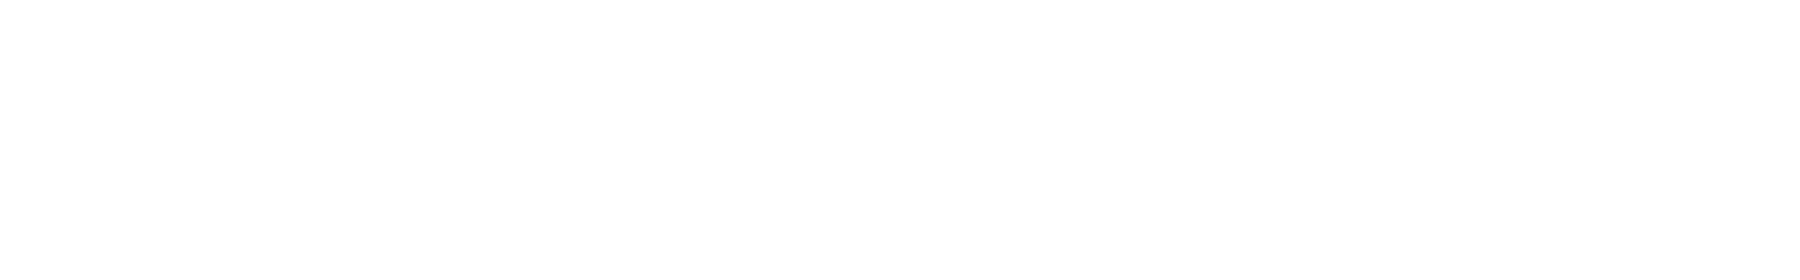 vedh bass cut 084 e